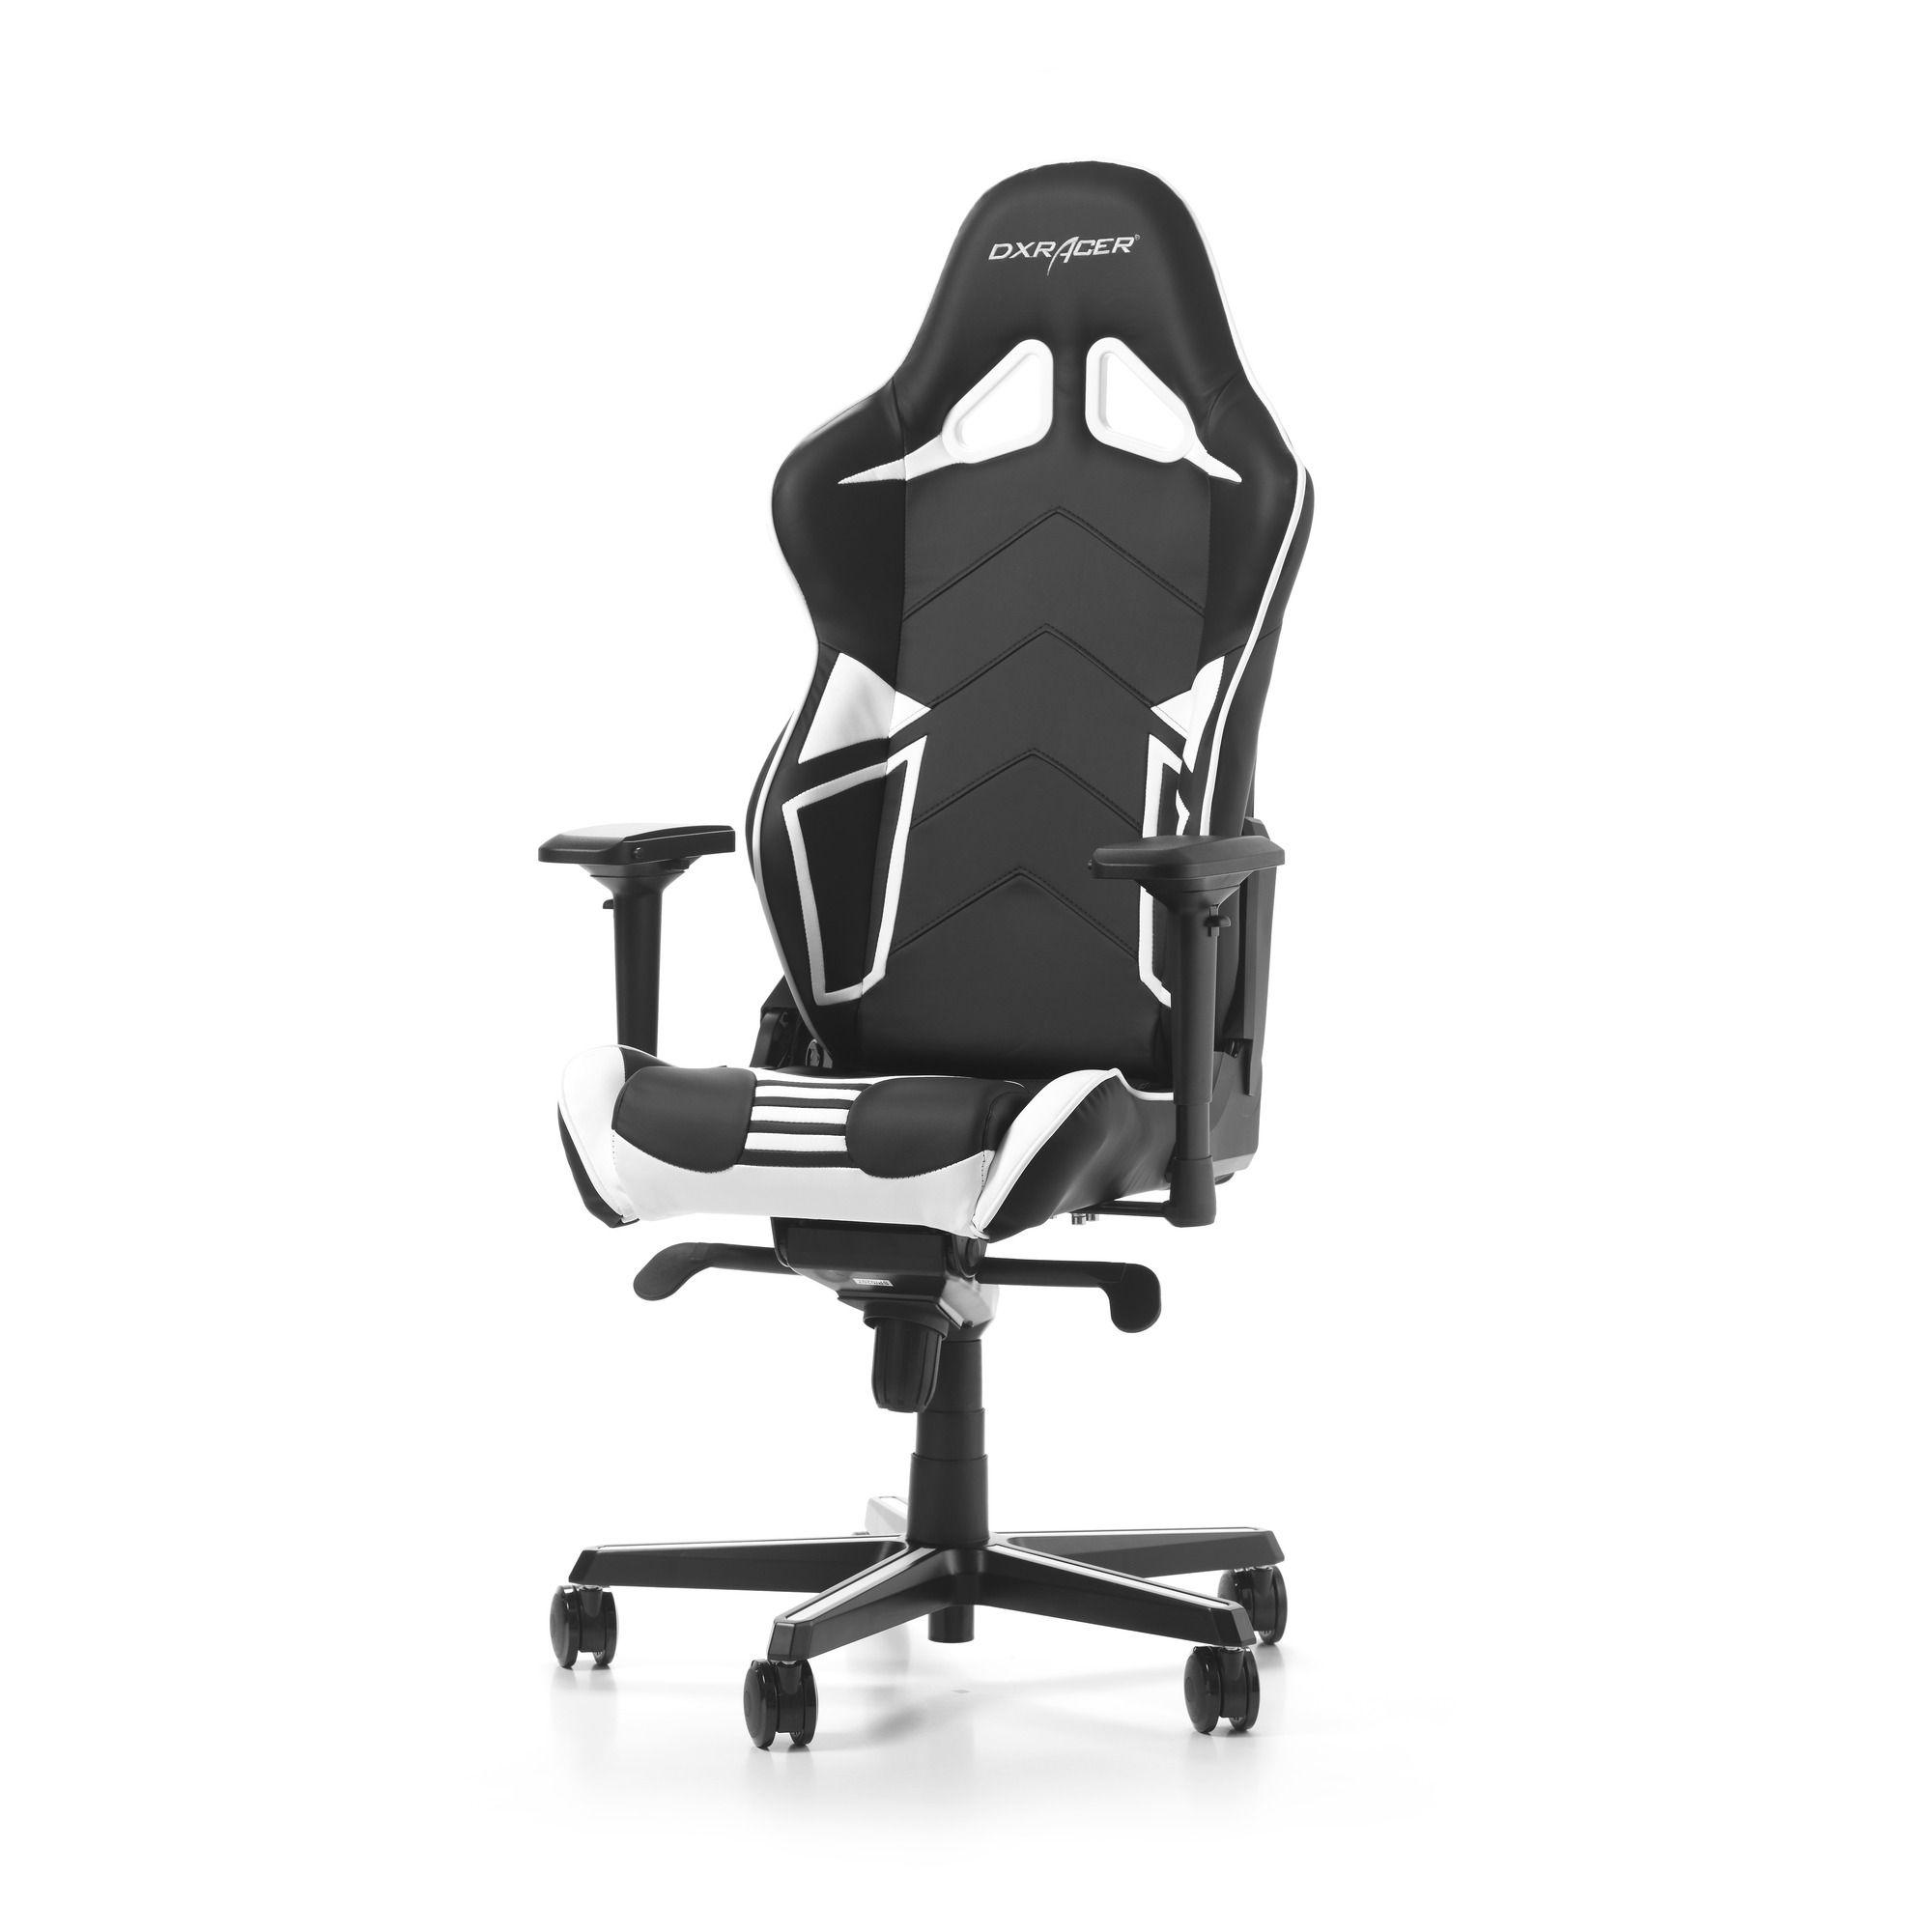 Гейминг стол DXRacer OH/RV131/NW - серия RACING V2, черен/бял - 7